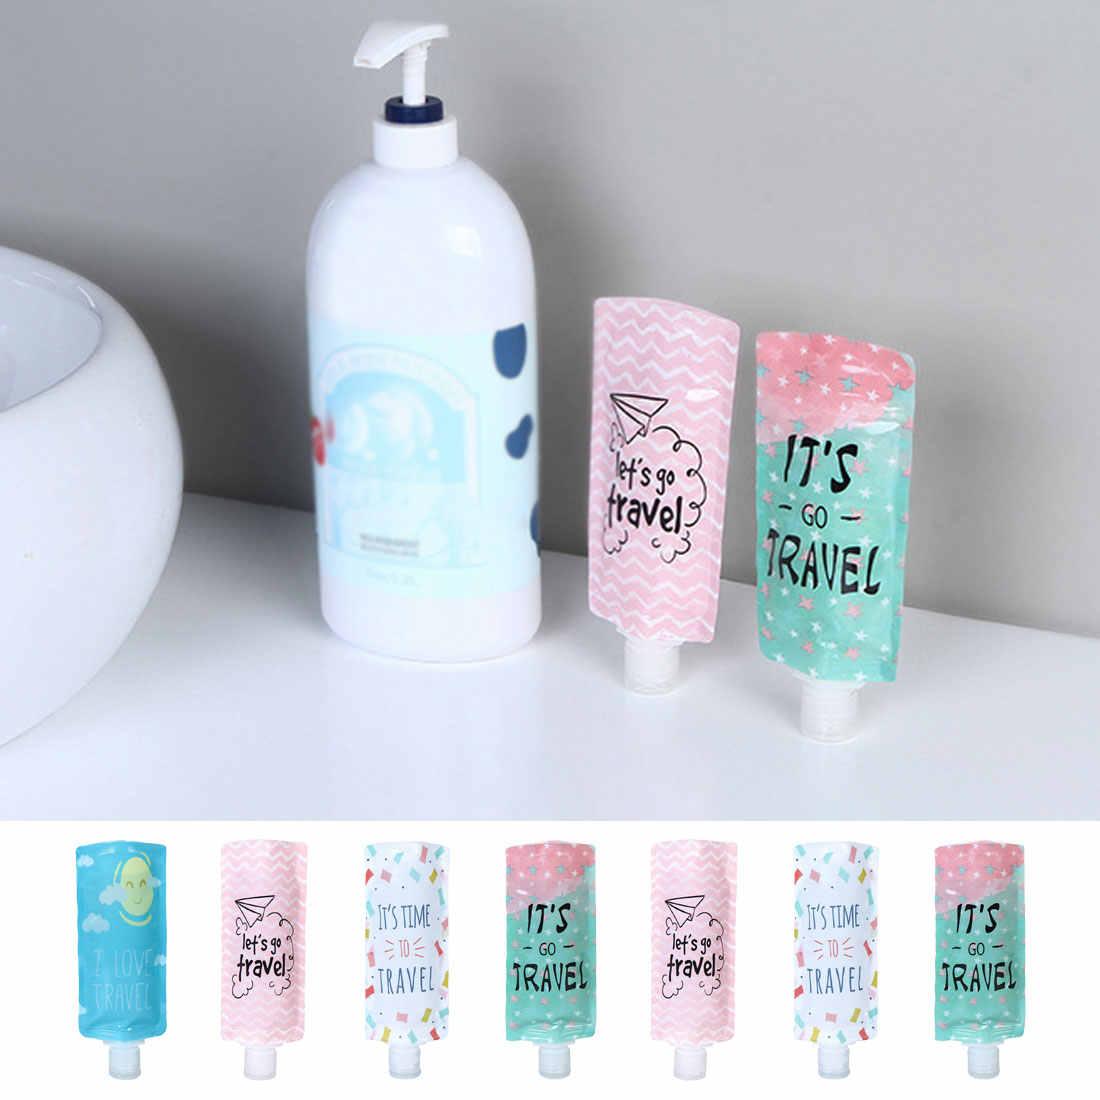 1 sztuk podróży butelka z mydłem w płynie do napełniania kosmetyków torba przenośna torba do pakowania szampon/płyn do makijażu sub butelki